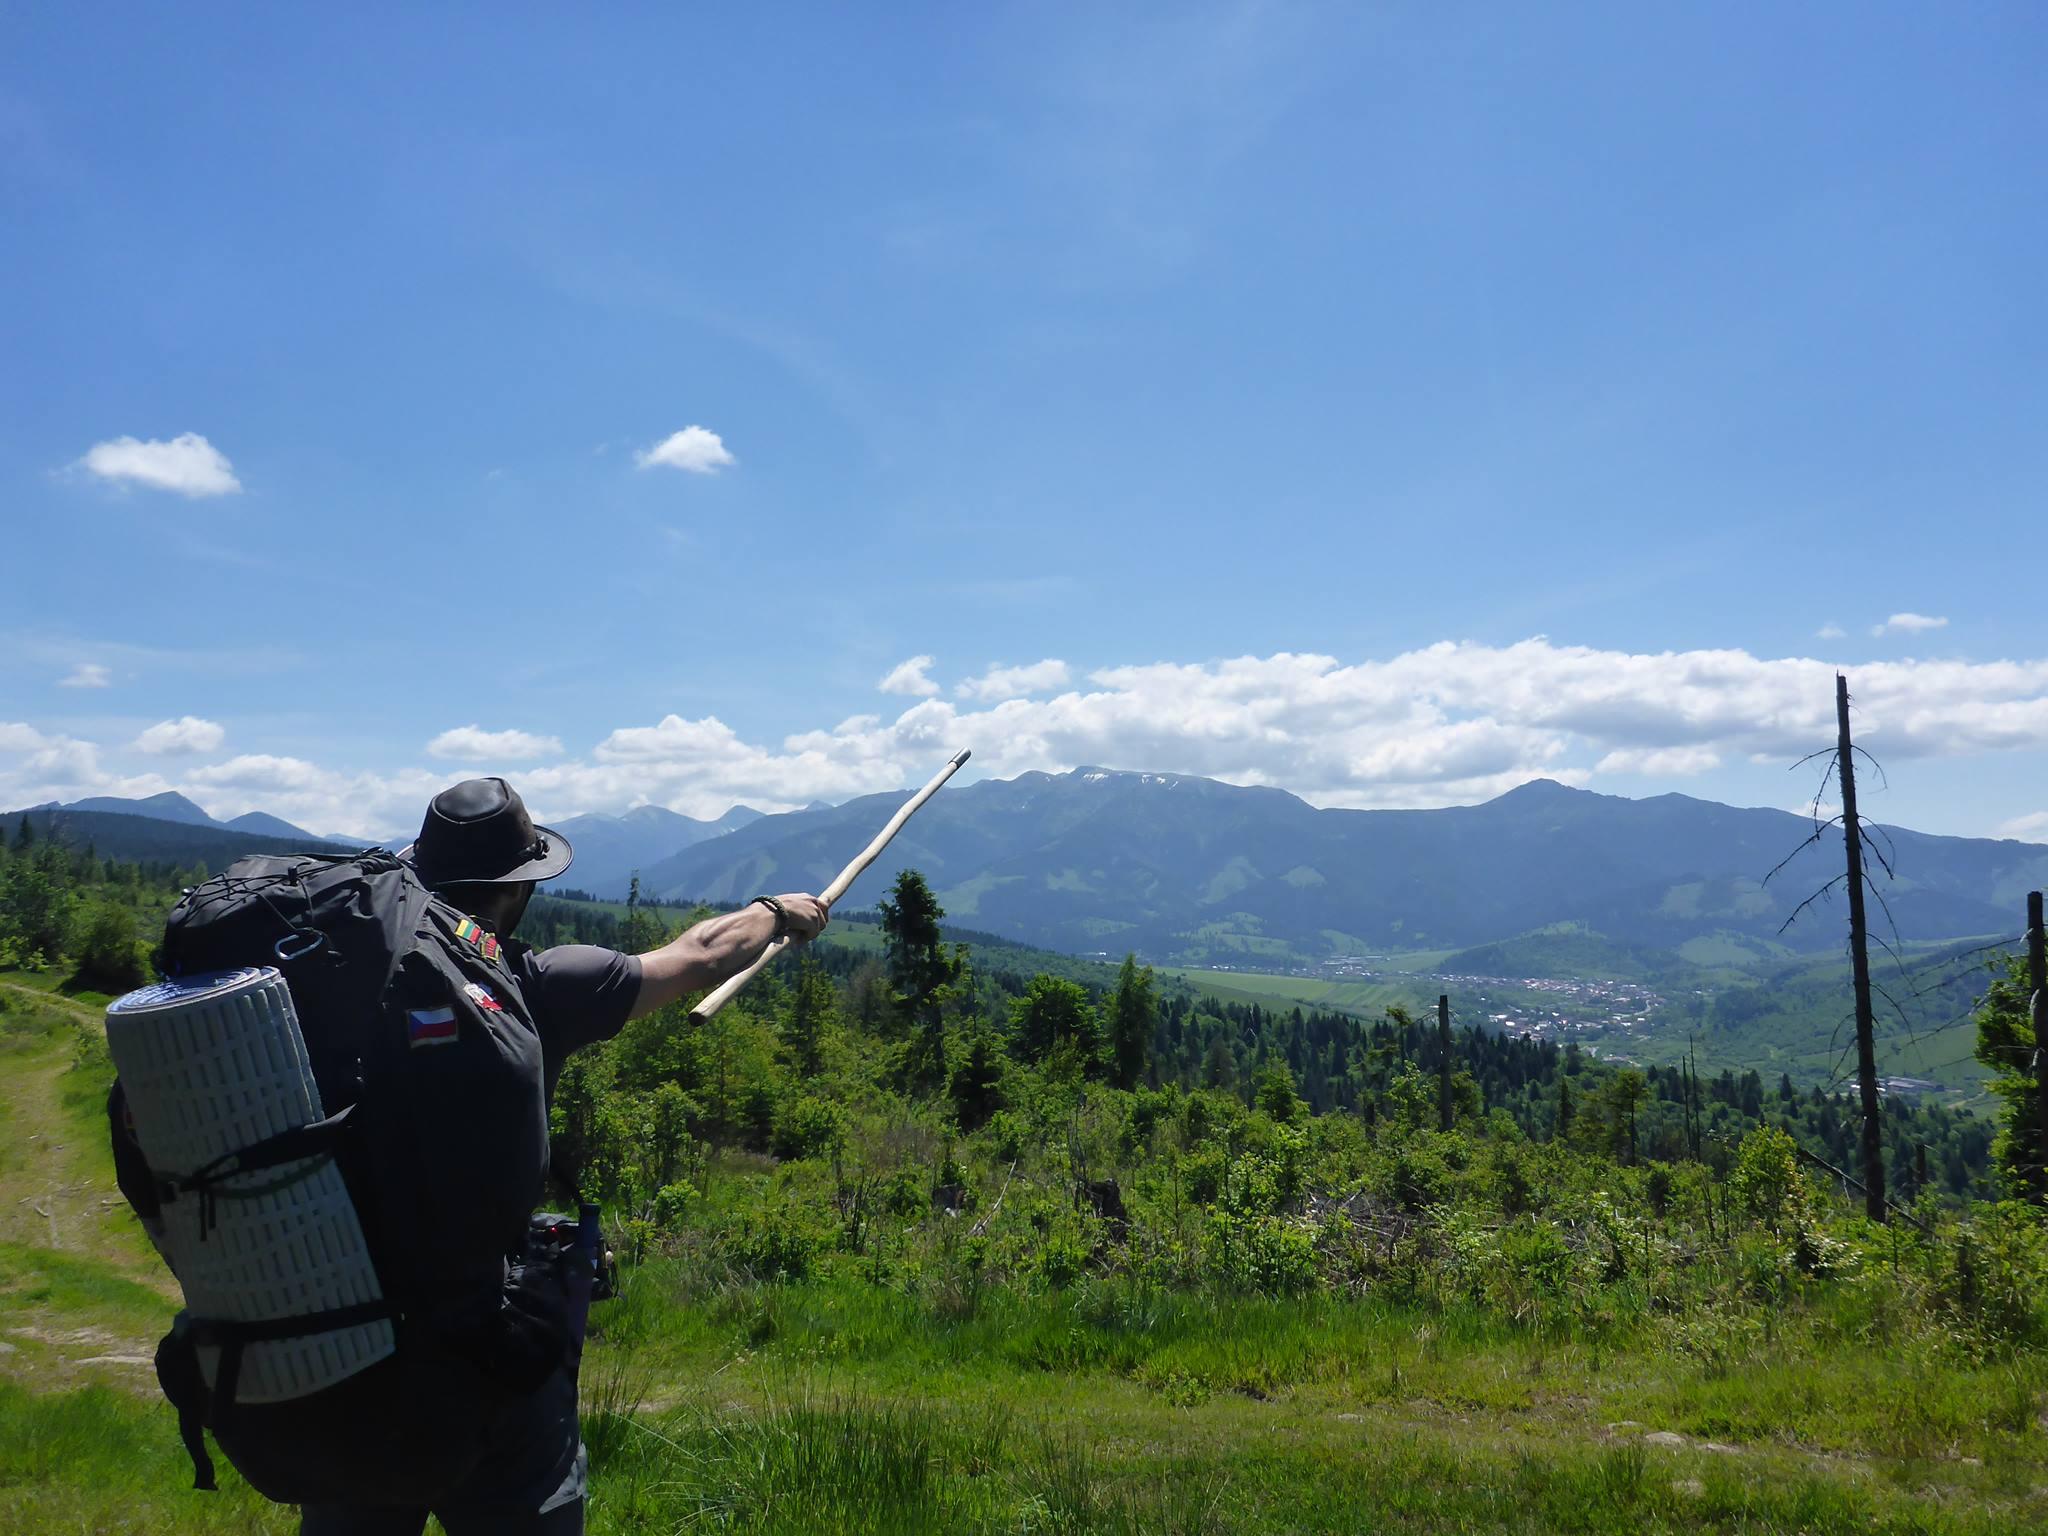 Et le montagnes des Tatras m'appararaissent enfin !